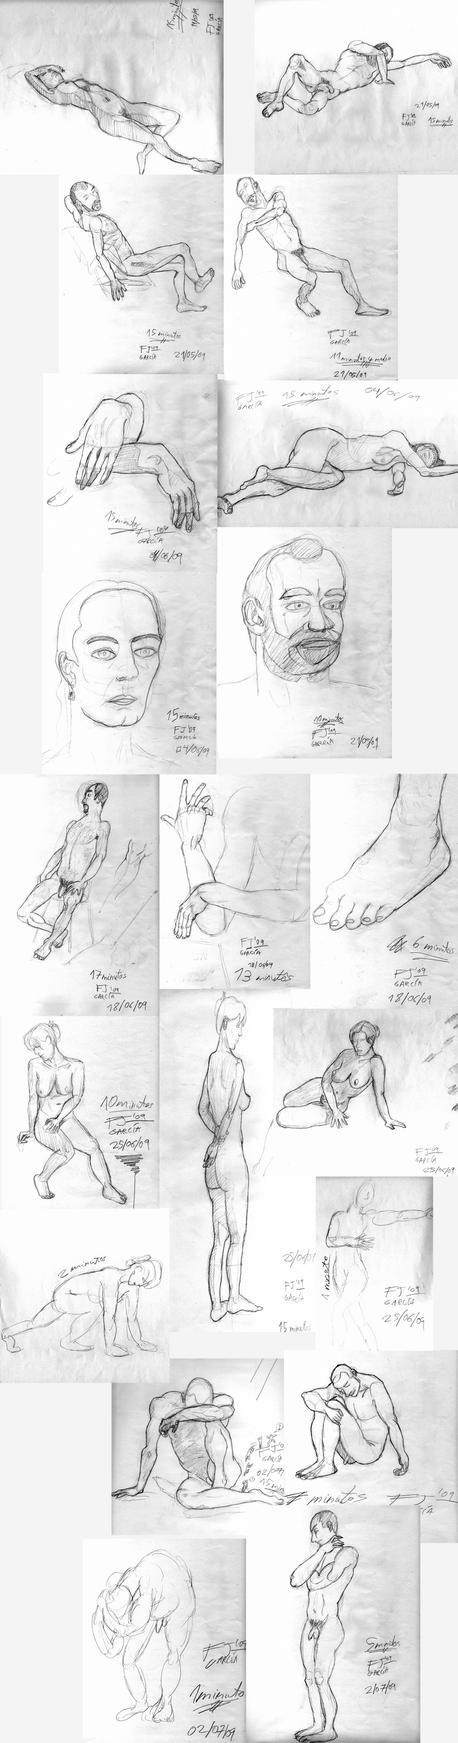 Anatomia 2009 by fj-garcia